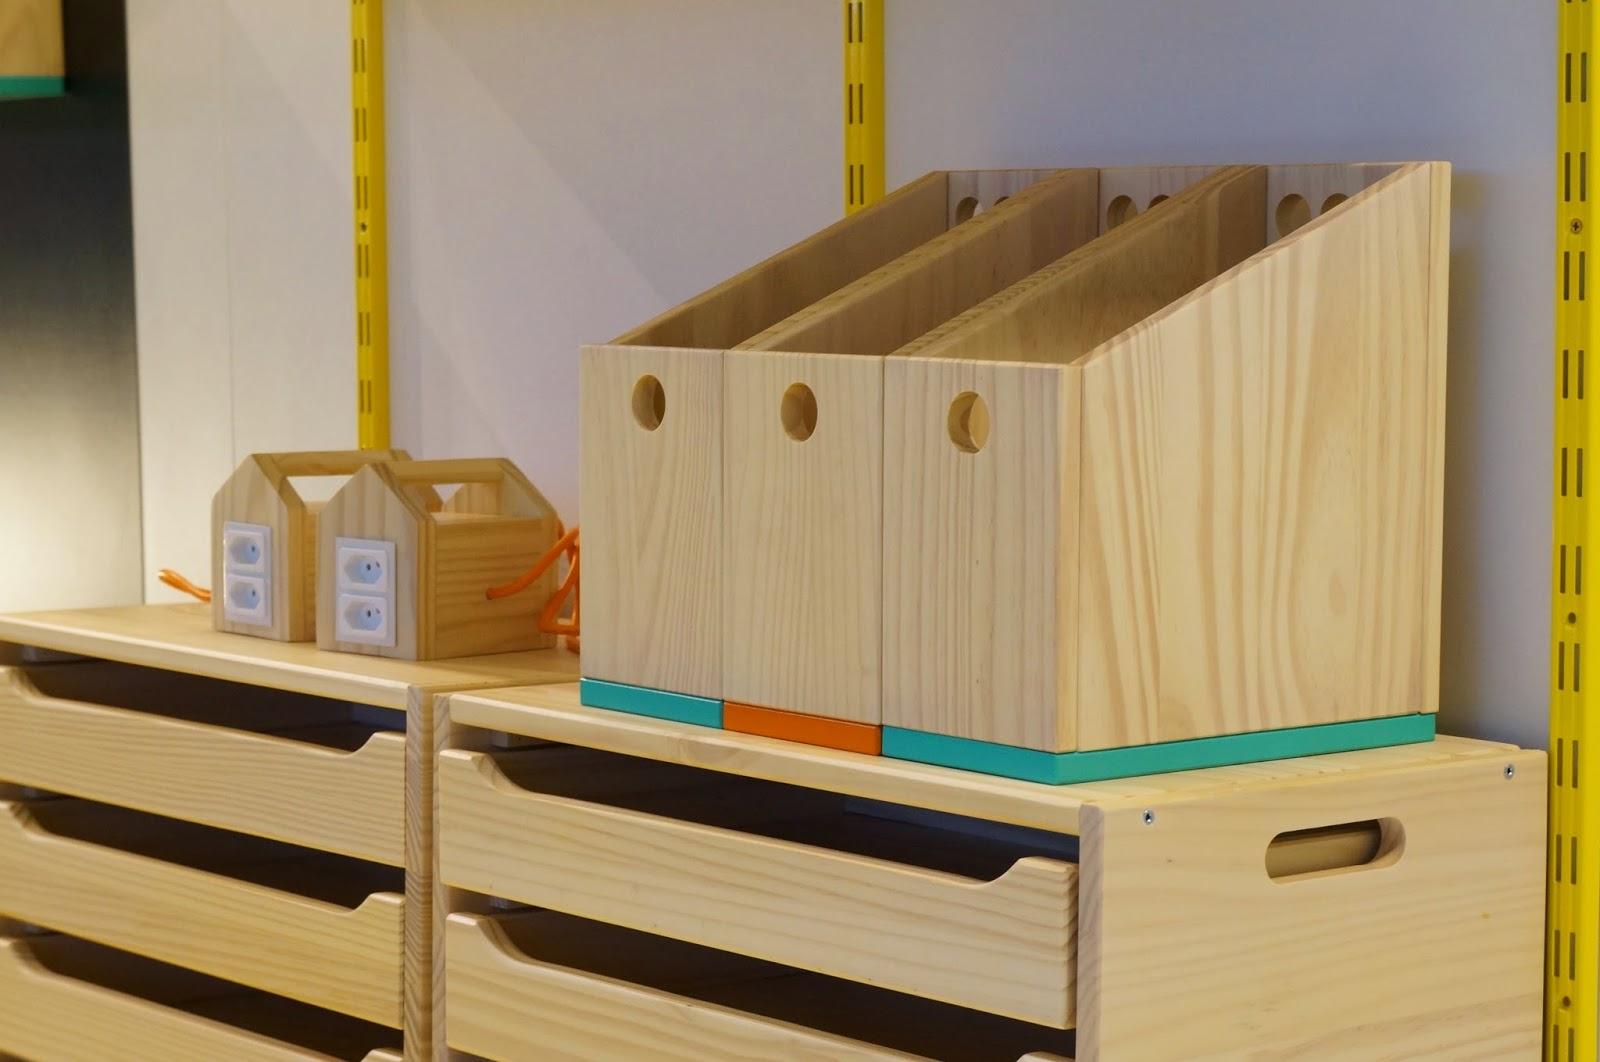 Bel Lobo - Coleção Vira e Mexe - Tok&Stok - Nicho com 3 gavetas, caixa para arquivo/porta-revistas e extensão da casa com quatro tomadas